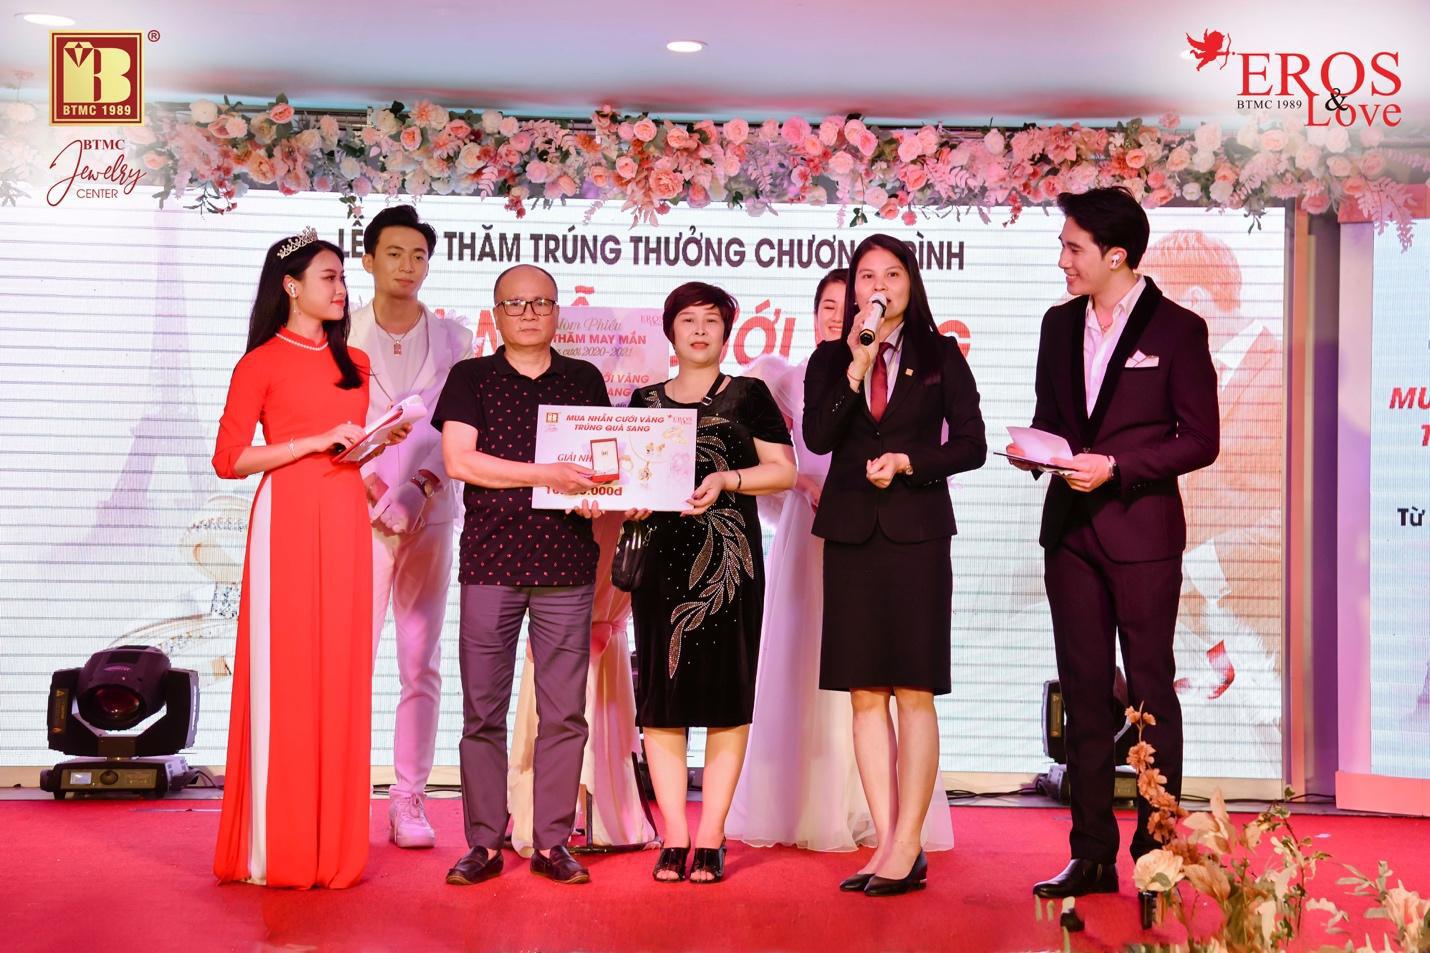 Bảo Tín Minh Châu bốc thăm và trao giải thưởng mùa cưới 2020 - 2021 đợt 2 - Ảnh 3.